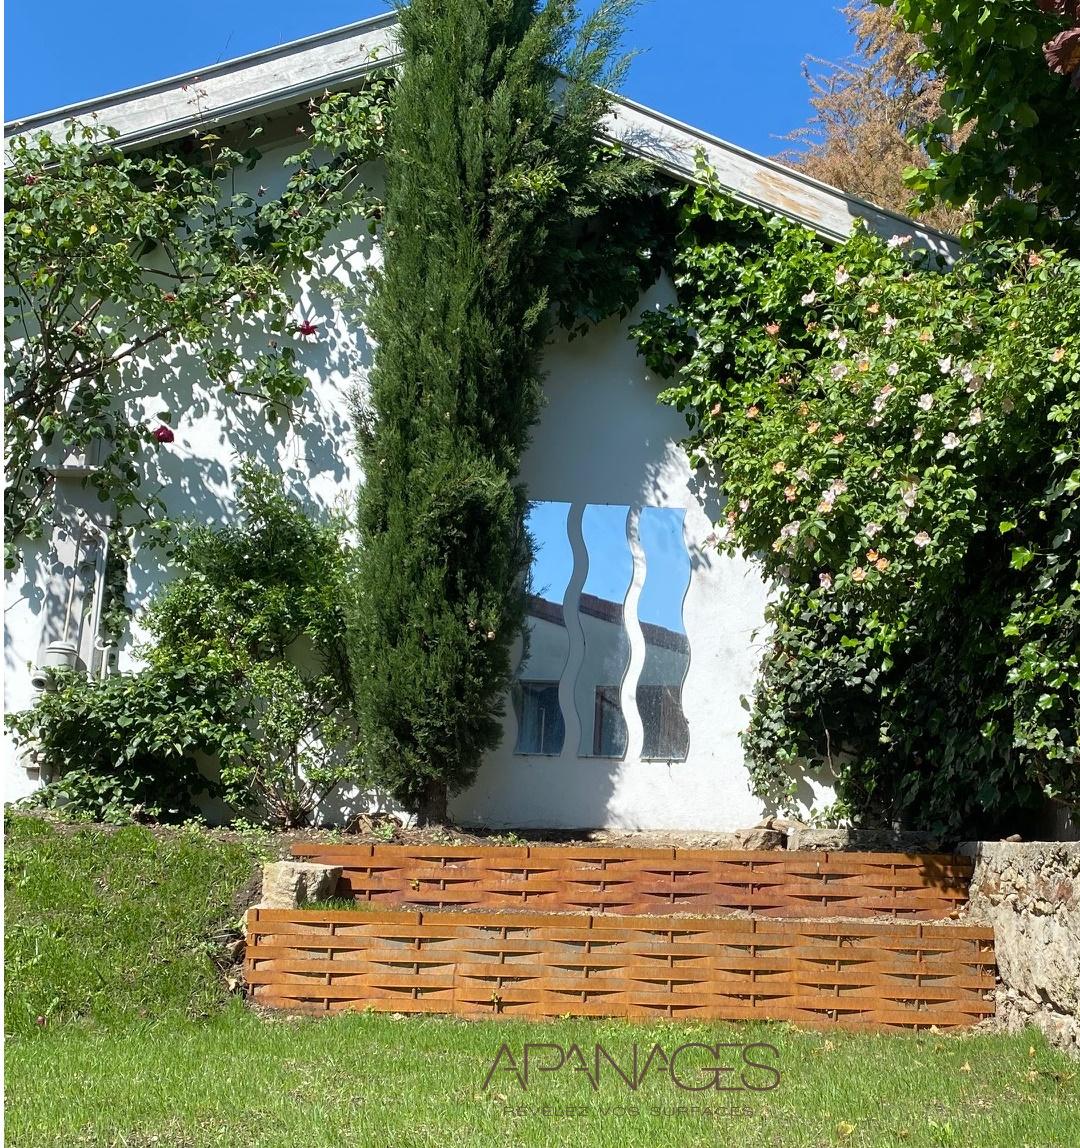 terrasses en plessis corten aspect rouillé retenue de terre tressé gaulette osier pente